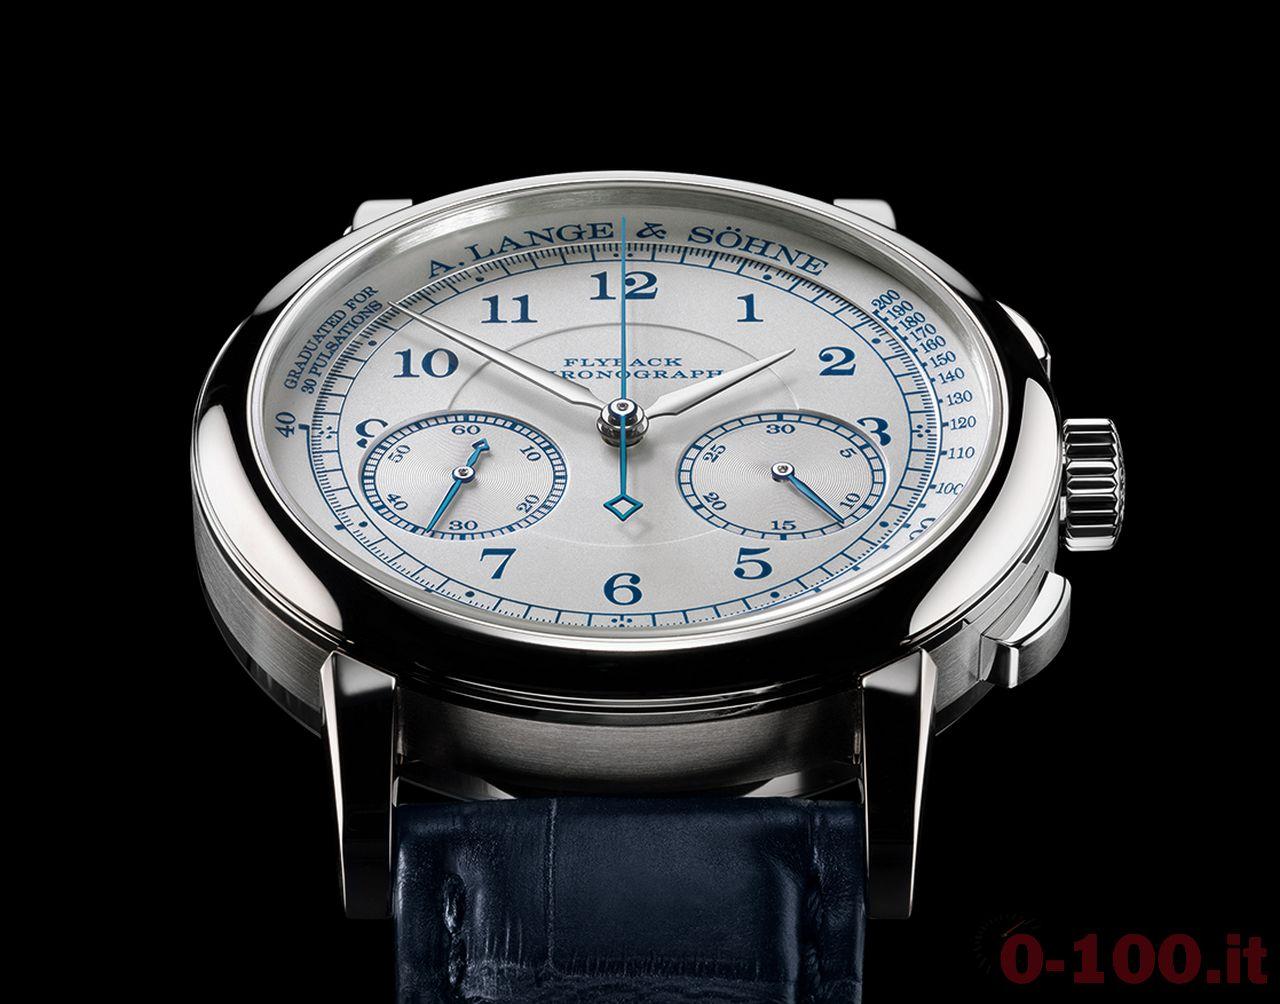 watches-wonders-2015-a-lange-sohne-1815-cronografo-1815-cronografo-edizione-speciale-boutique_0-1001